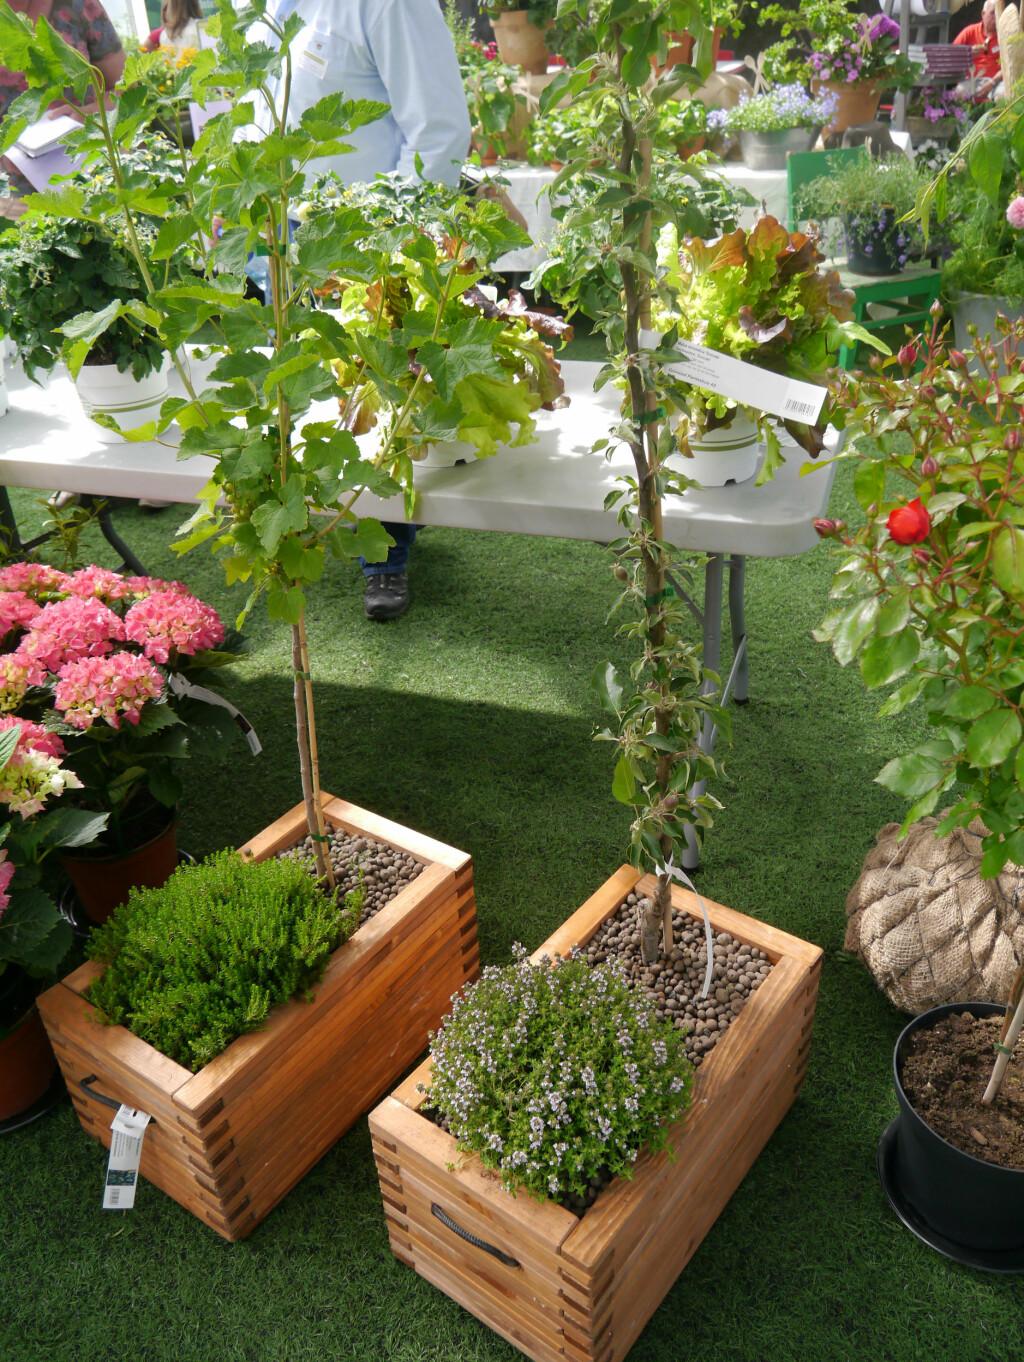 PLANT I KASSER: Det er ingenting i veien for å plante frukttær og bærbusker i kasser på terrassen. Det finnes også spesielle balkongtrær utviklet for å tåle livet i en balkongkasse bedre. Foto: OPPLYSNINGKONTORET FOR BLOMSTER OG PLANTER